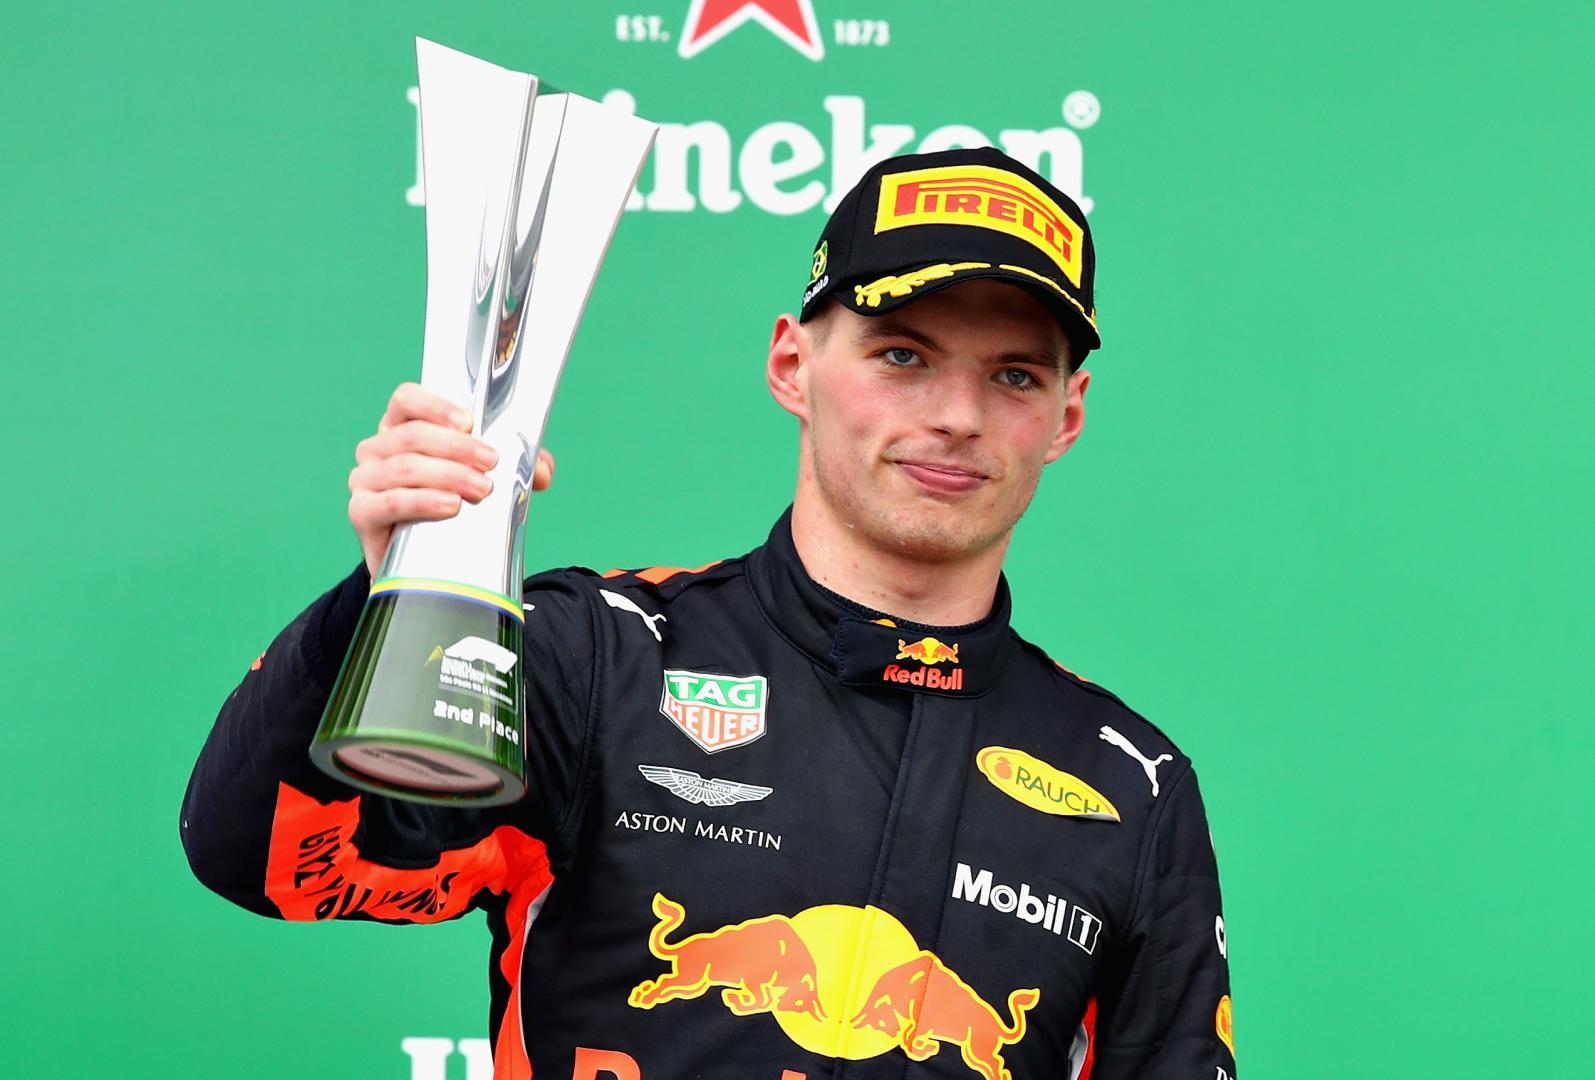 Max Verstappen gevolgen van de GP Van brazilie